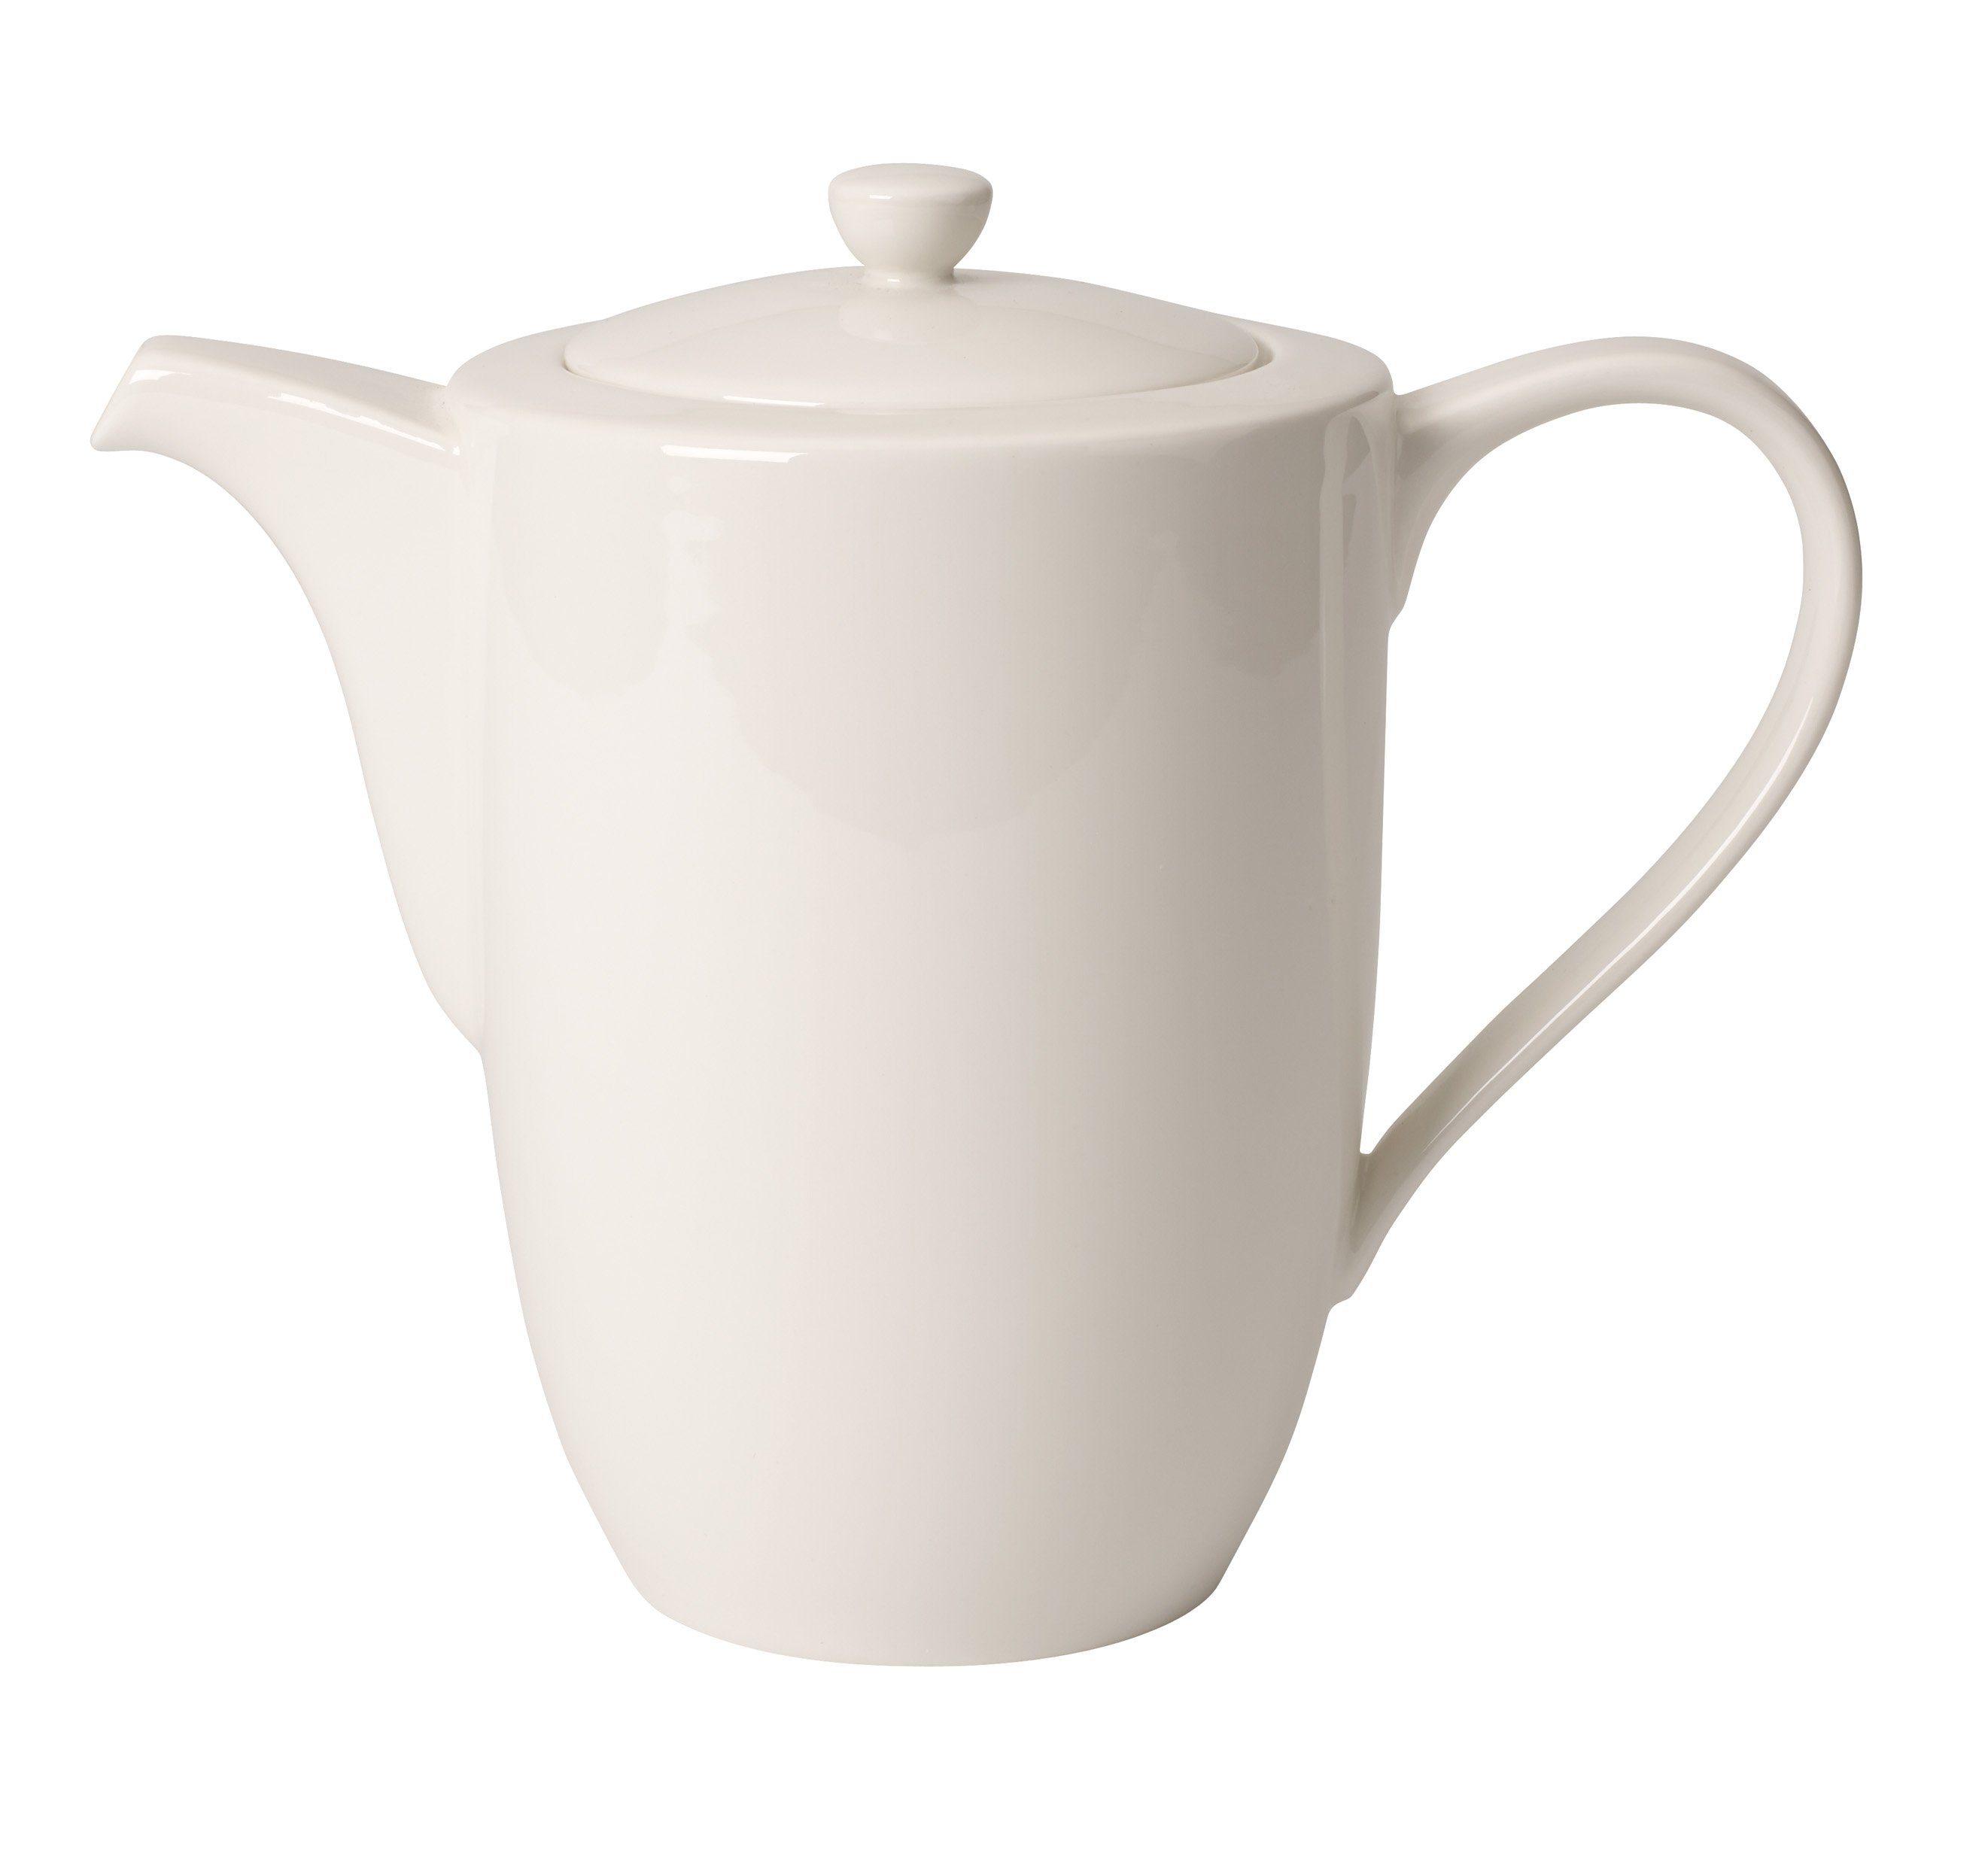 Villeroy & Boch Kaffeekanne 6 Personen »For Me«